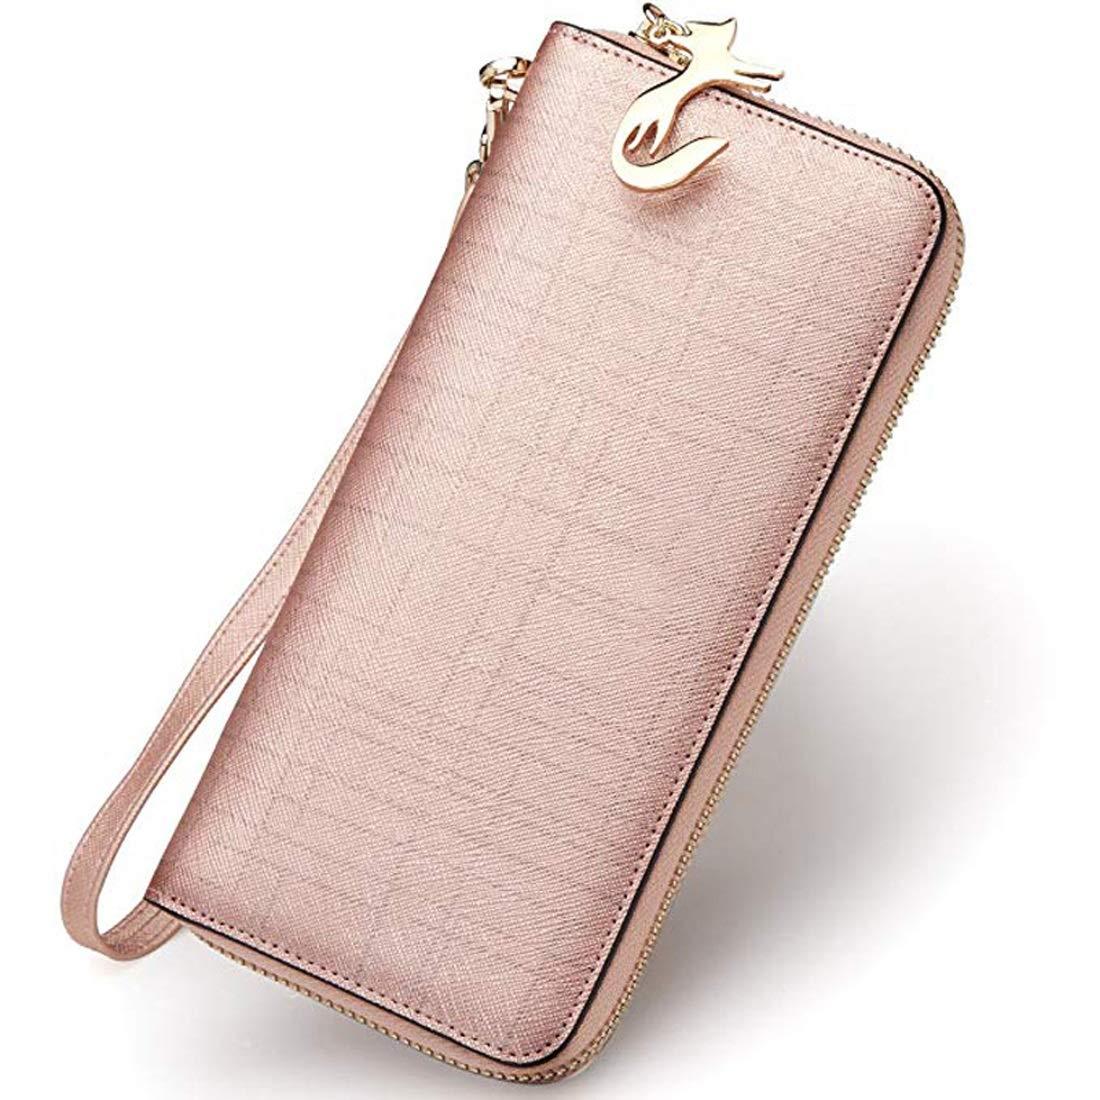 728b2653b RMXMY Cartera de cuero de las mujeres de piel de vaca personalidad de la  moda multifunción doble línea de línea bolso de embrague simple cartera  creativa ...